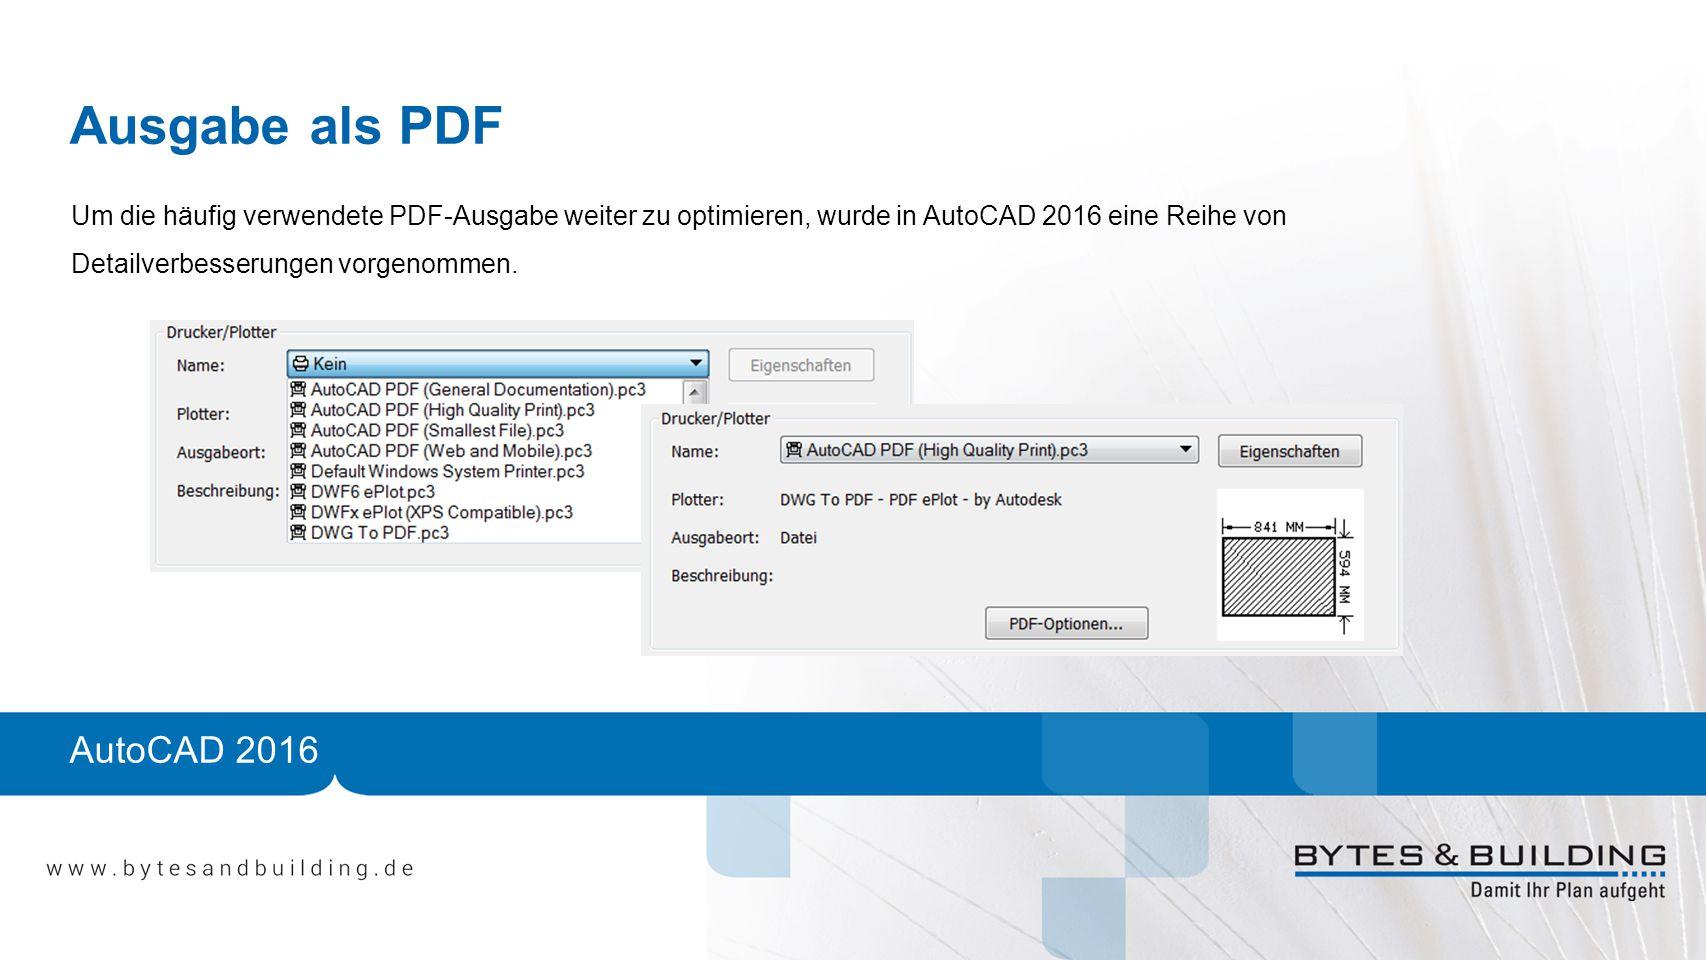 AutoCAD 2016 Ausgabe als PDF Um die häufig verwendete PDF-Ausgabe weiter zu optimieren, wurde in AutoCAD 2016 eine Reihe von Detailverbesserungen vorgenommen.